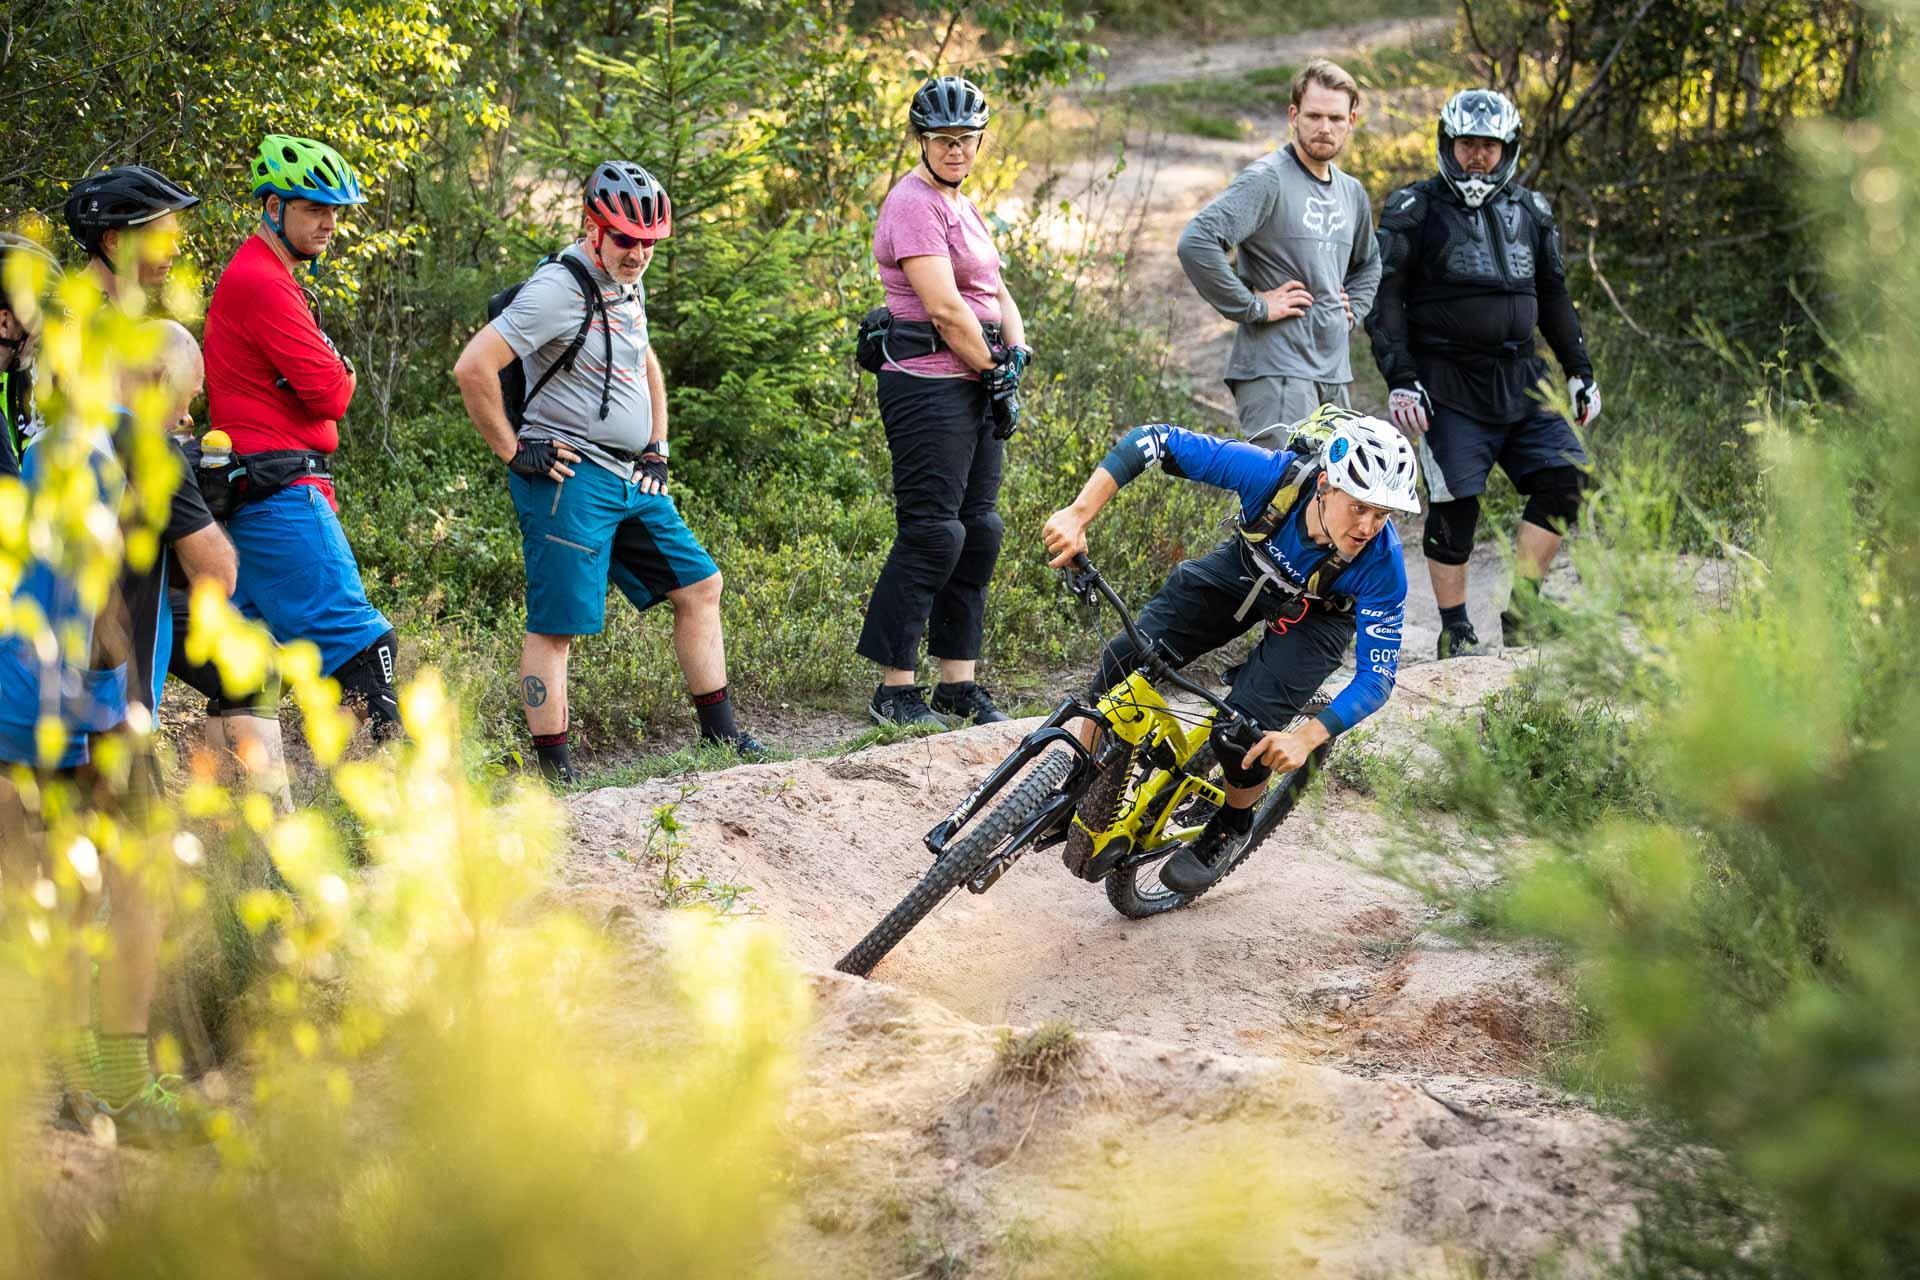 eMTB Fortgeschritten Fahrtechnik Kurs in Bad Orb Spessart - Rock my Trail Bikeschule - 9